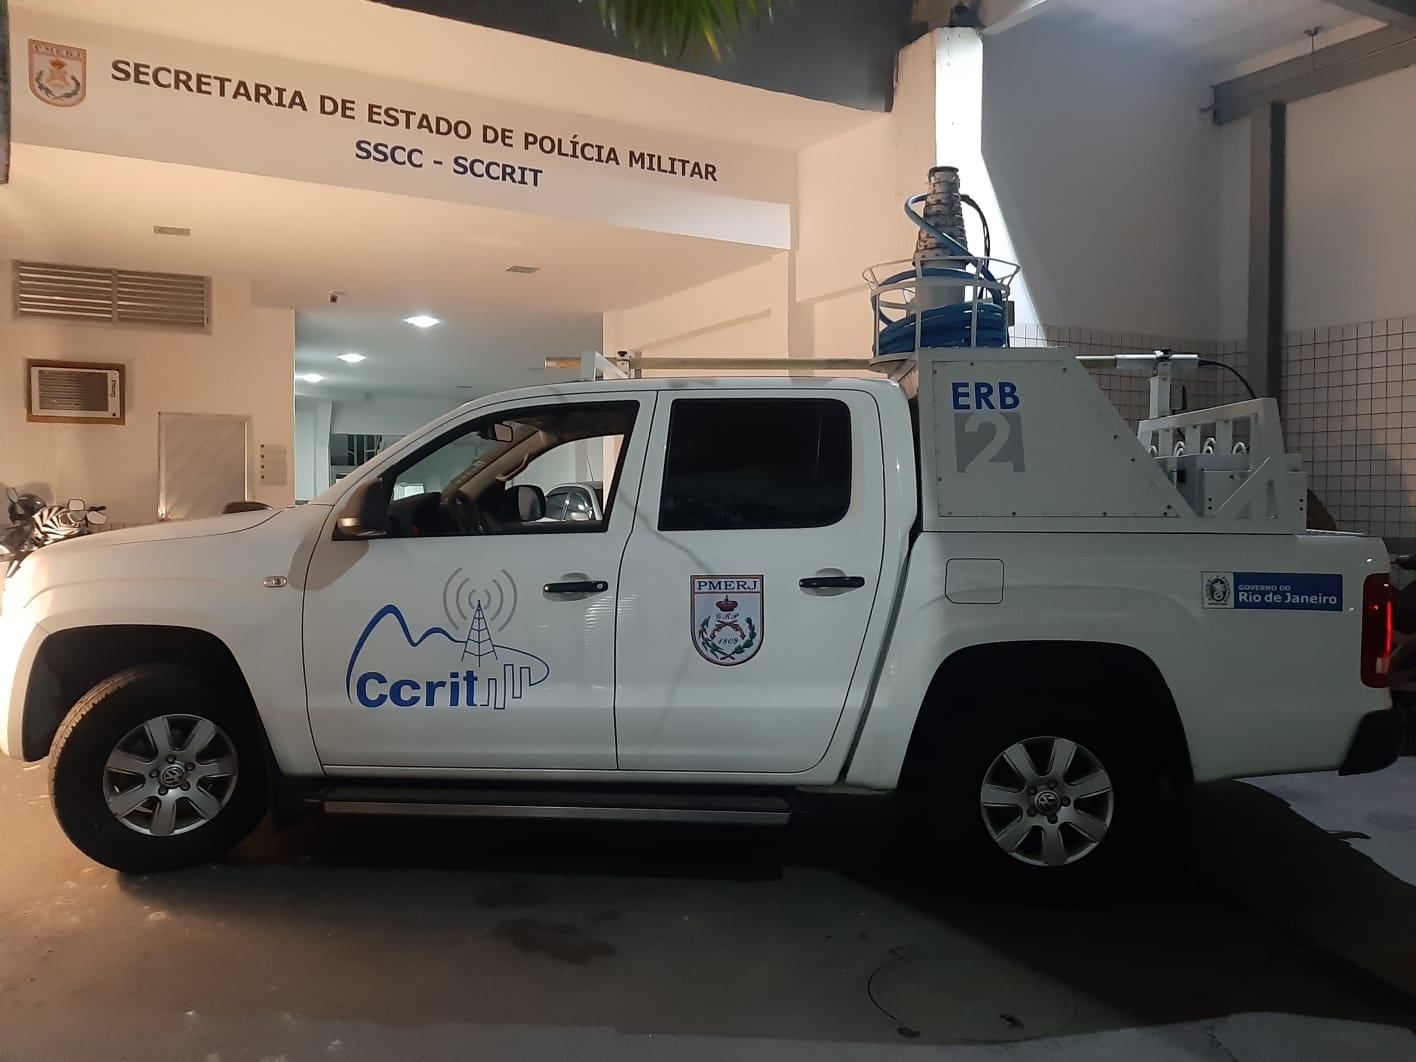 Estação de rádio base concedida pela Polícia Militar do Rio nas buscas do fugitivo Lázaro